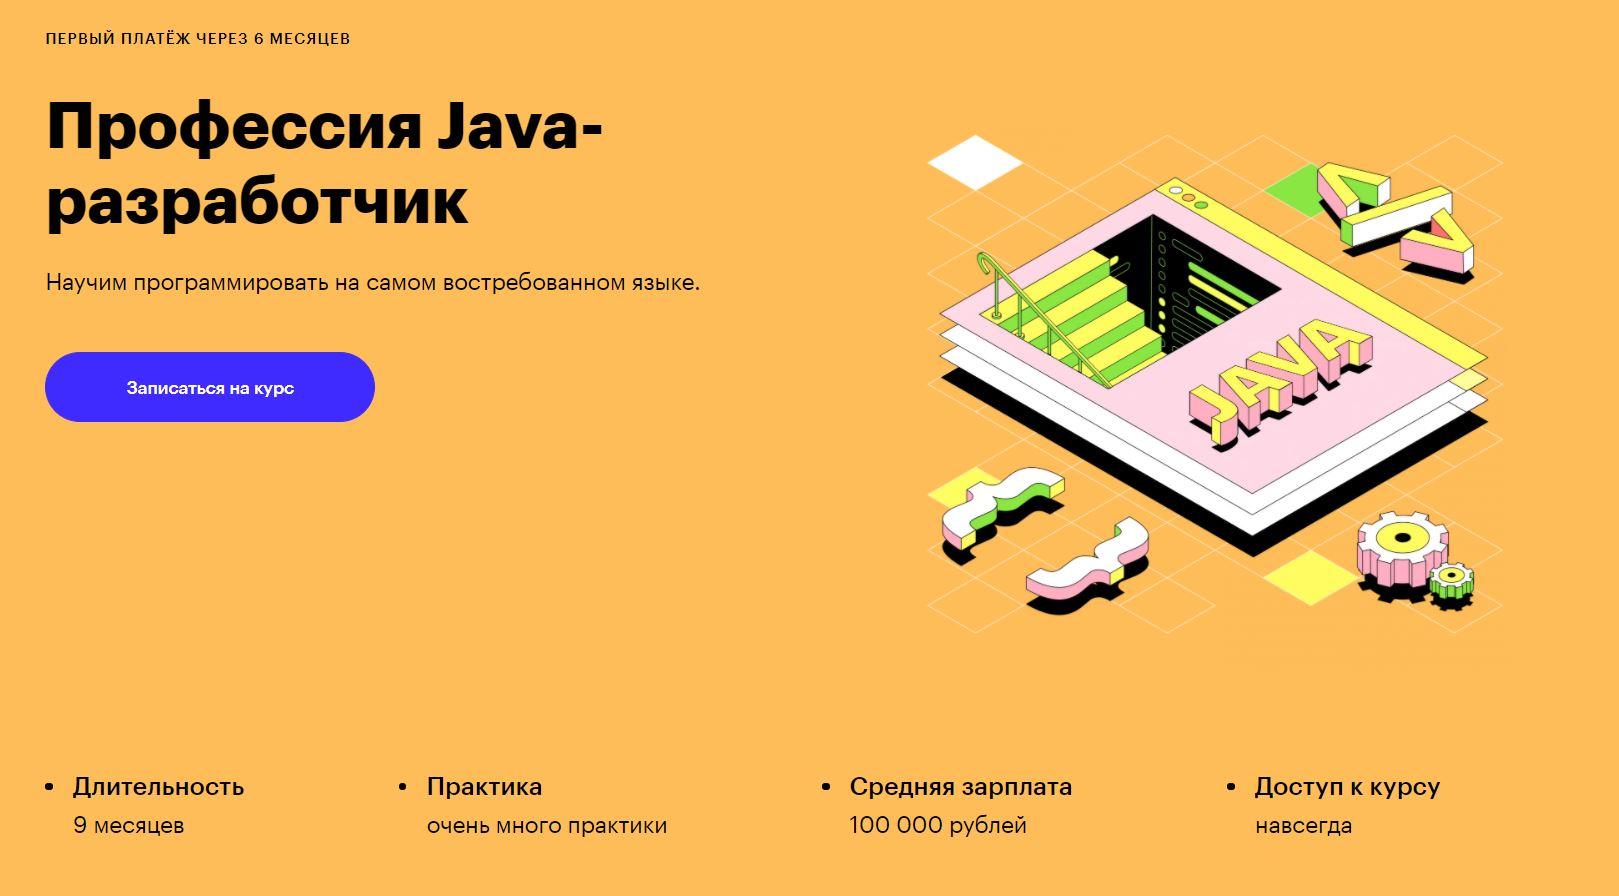 Java-разработчик стать с нуля